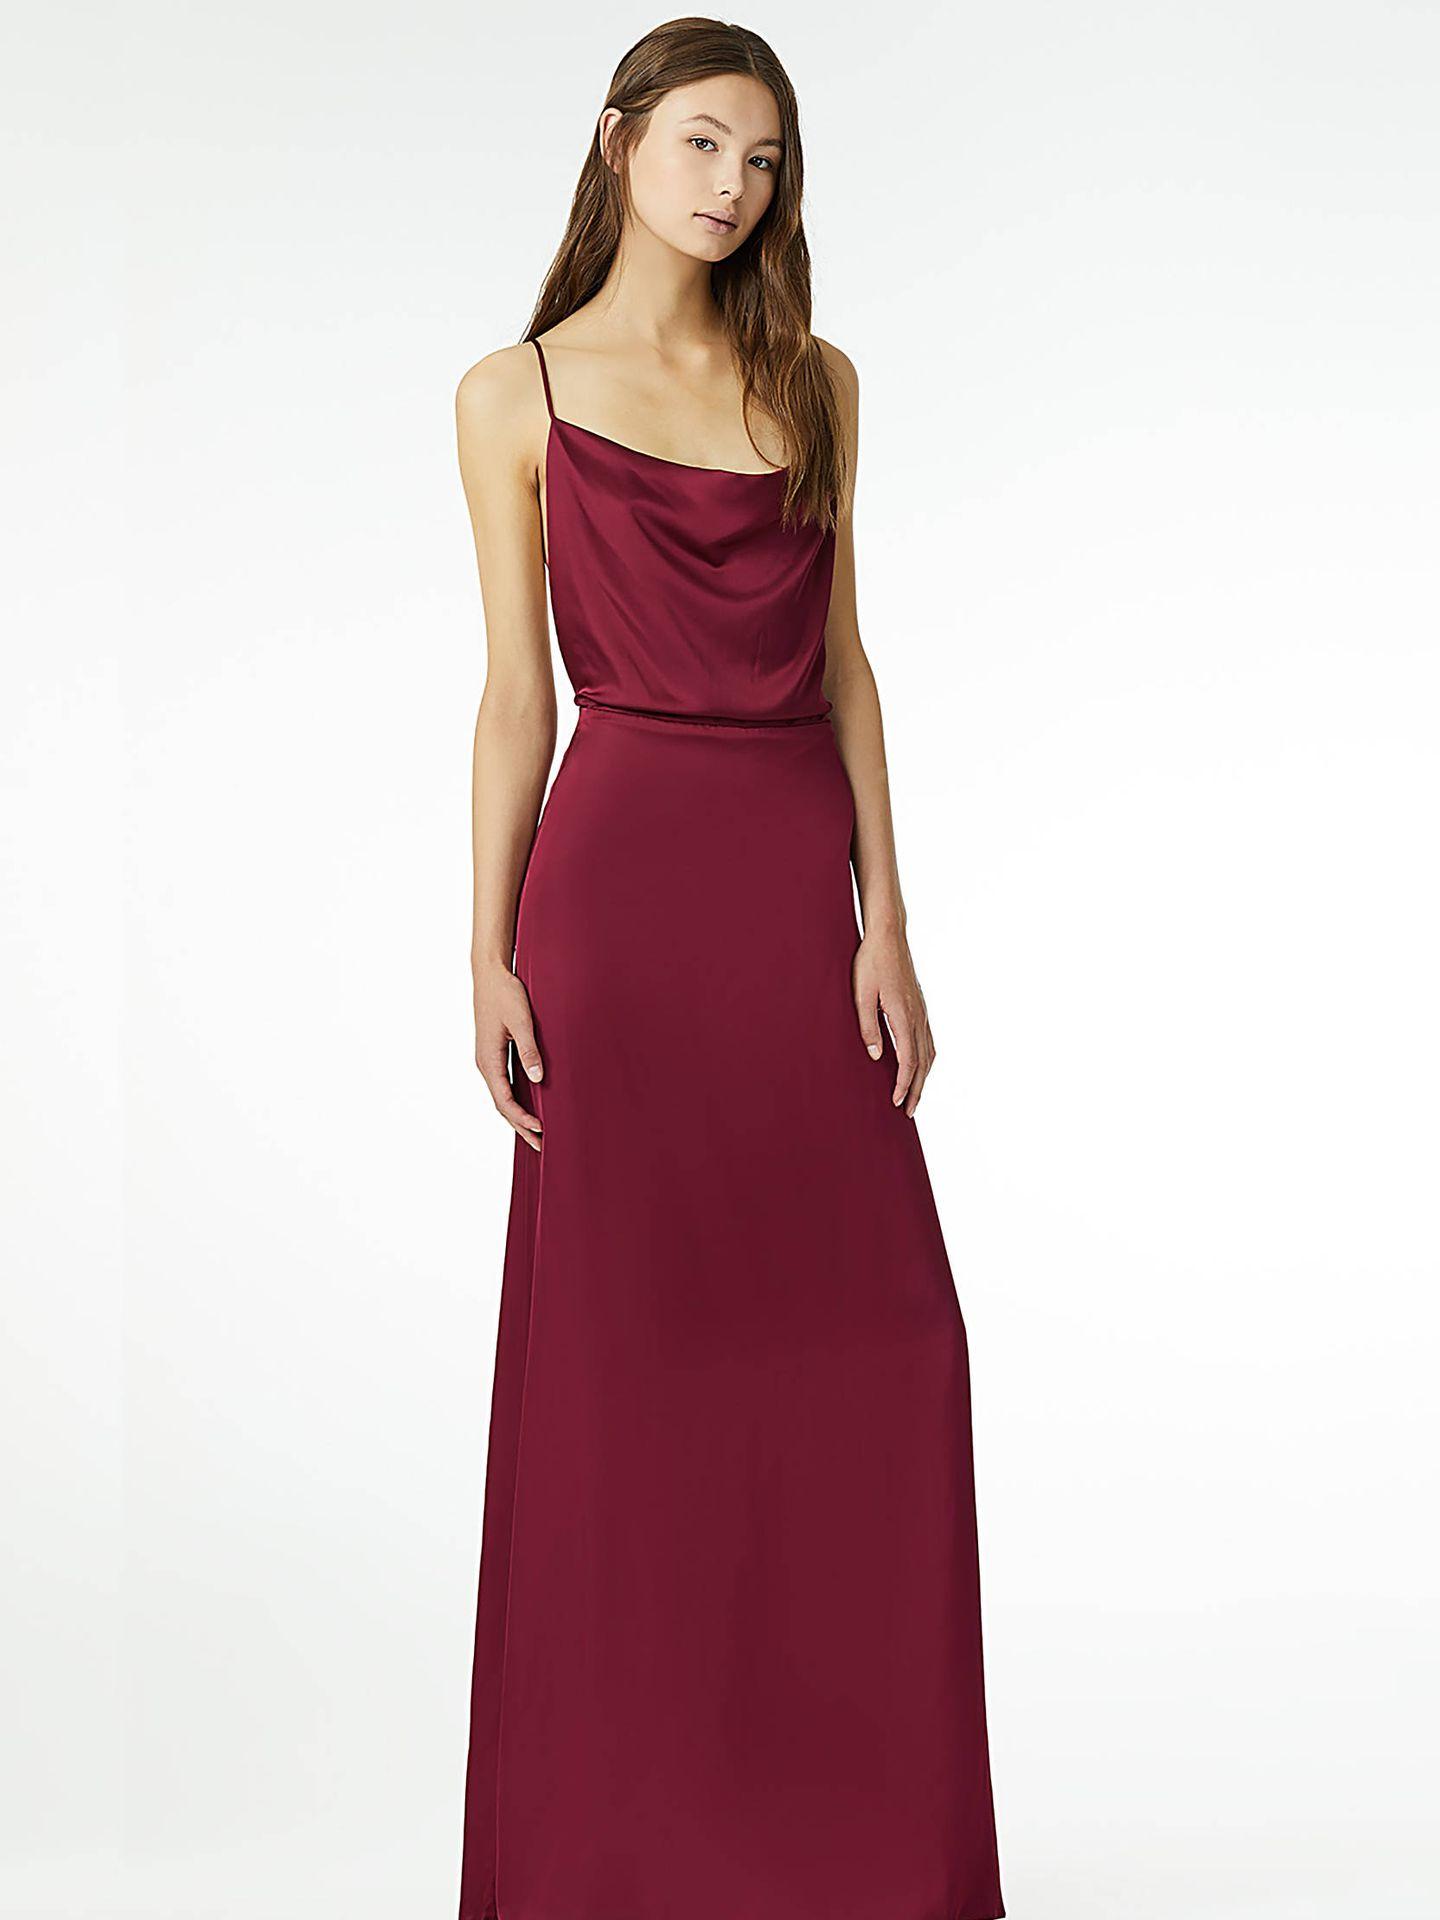 Con patrón simple y acabado satinado, este vestido es perfecto para despedir el año. De Liu Jo, 343 euros. (Cortesía de la marca)